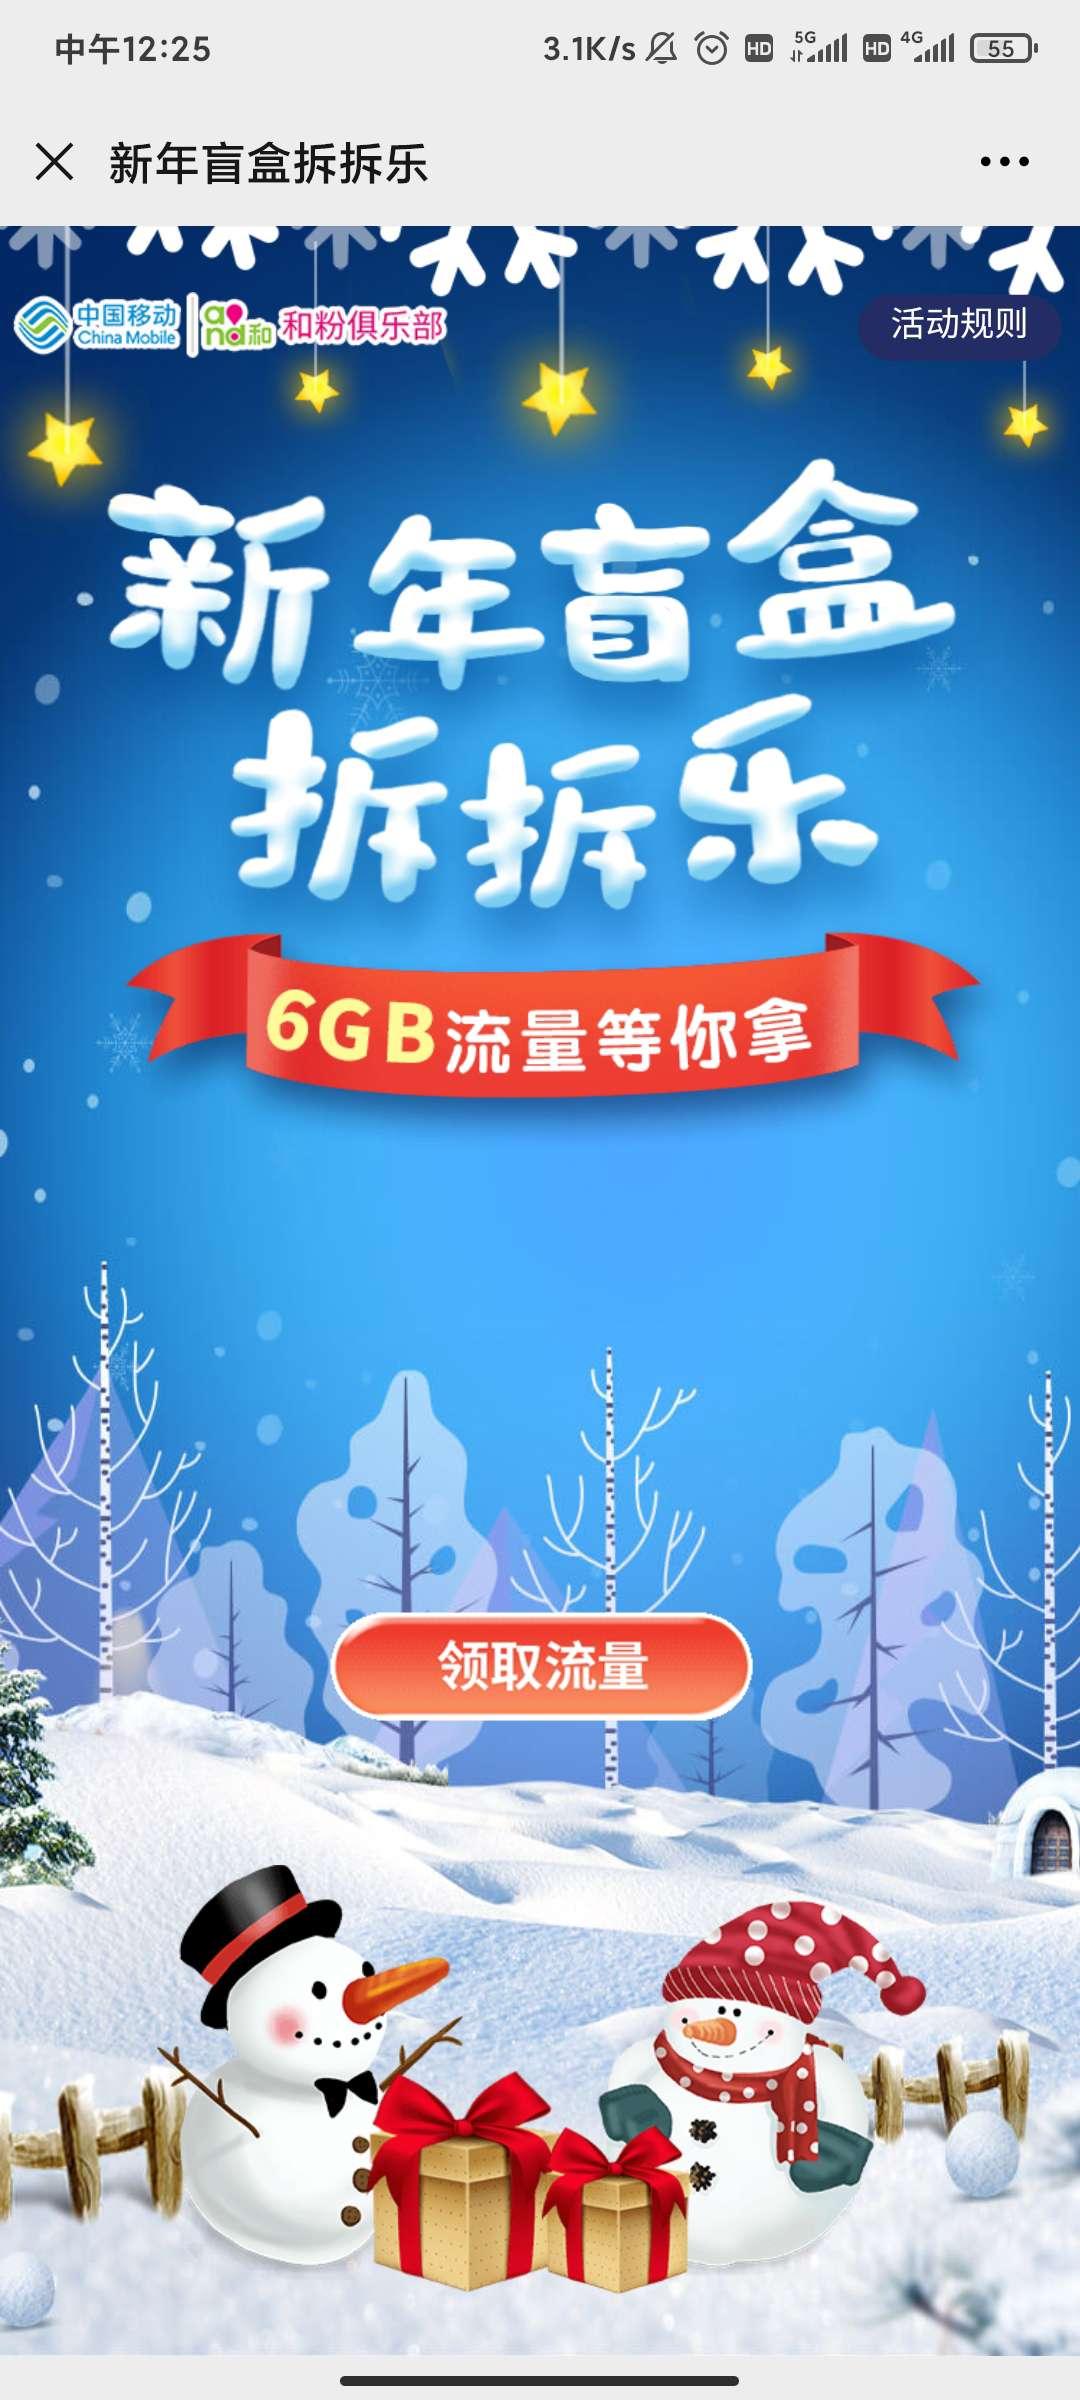 图片[1]-中国移动领流量-老友薅羊毛活动线报网